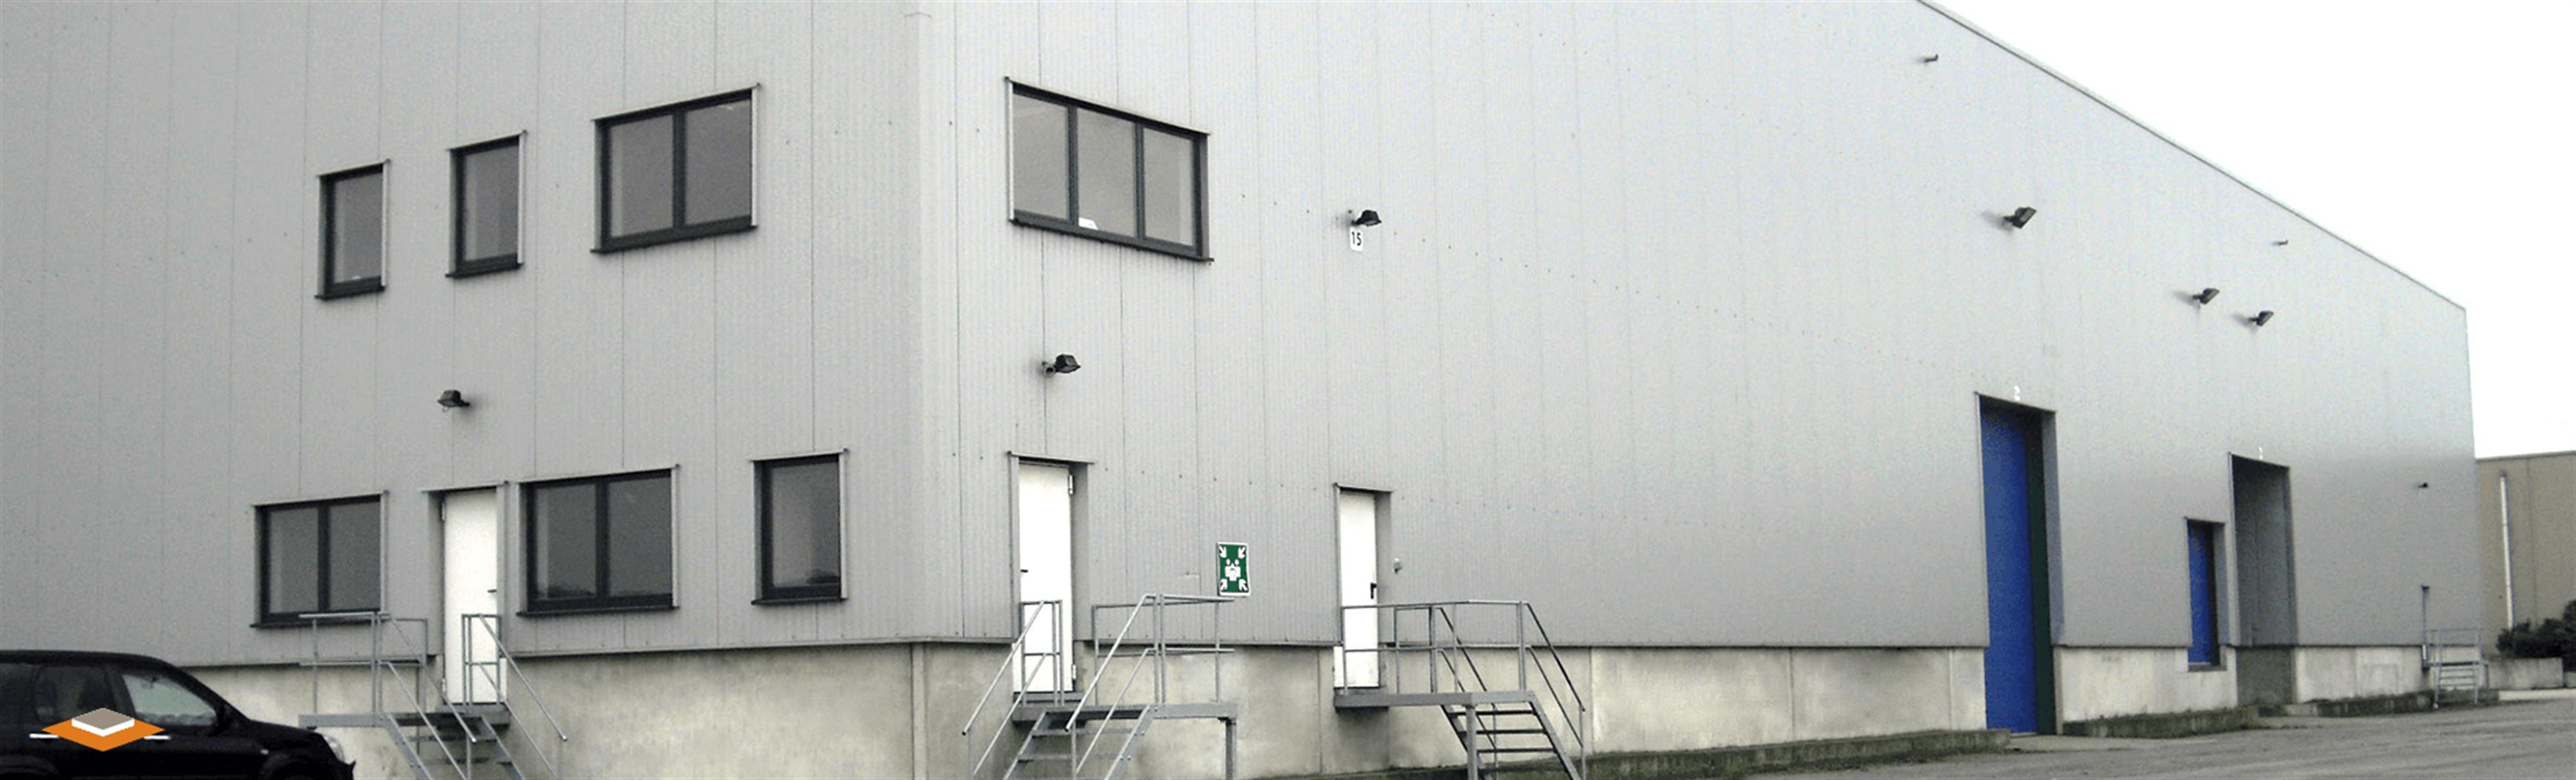 opslagplaats te huur TERHAGEN UNIT 1 MAGAZIJN MET KANTOOR MET LOADING DOCK - 2840 Rumst, België 2